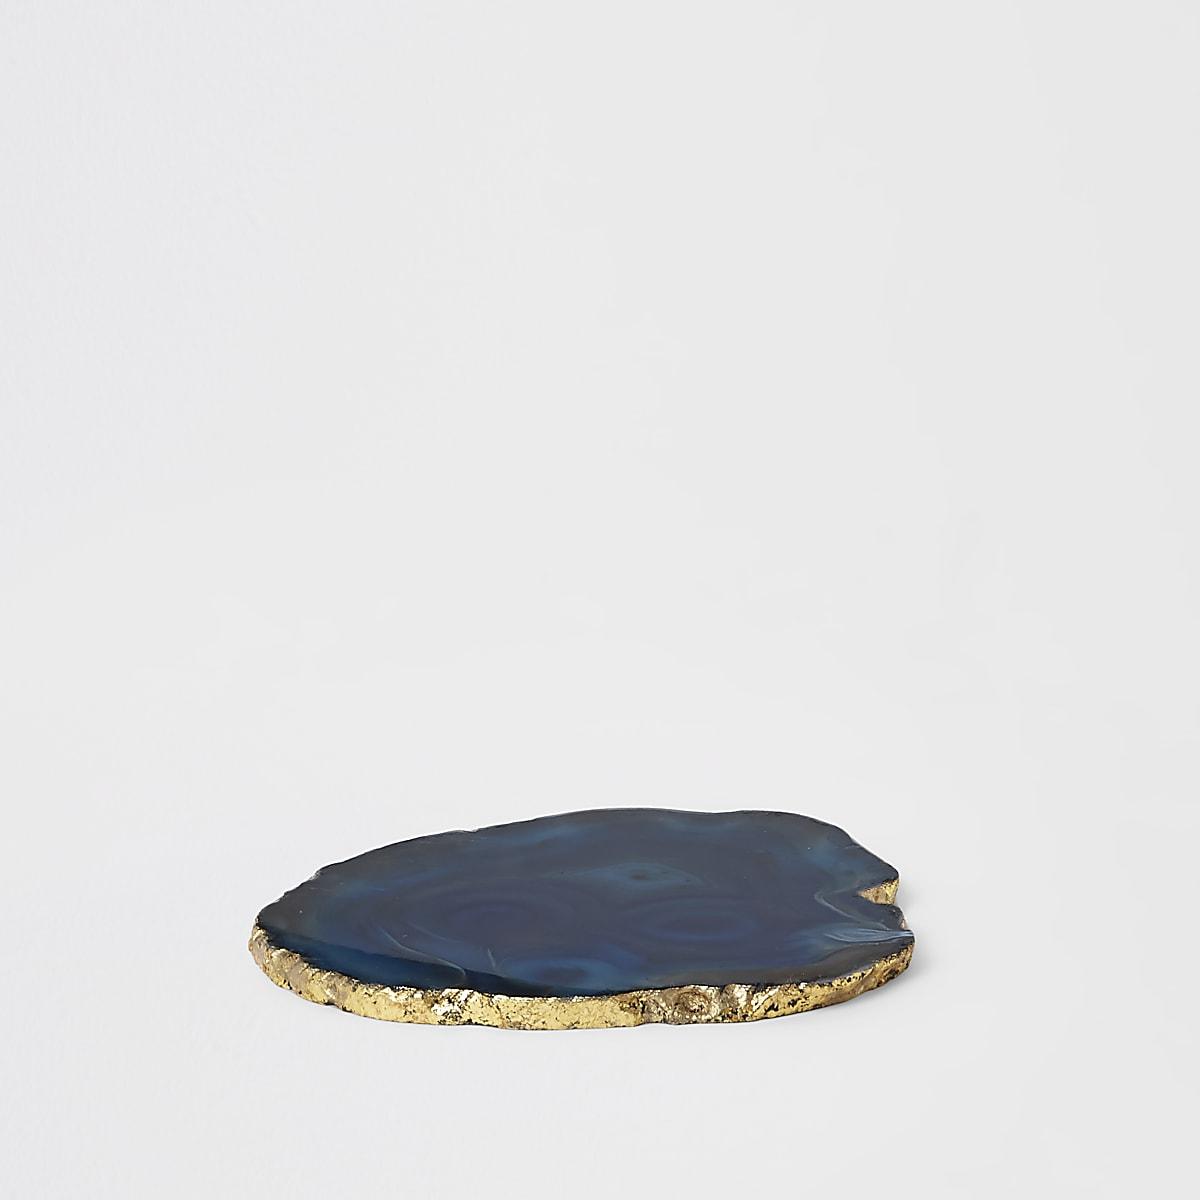 Blauwe agaat onderzetter